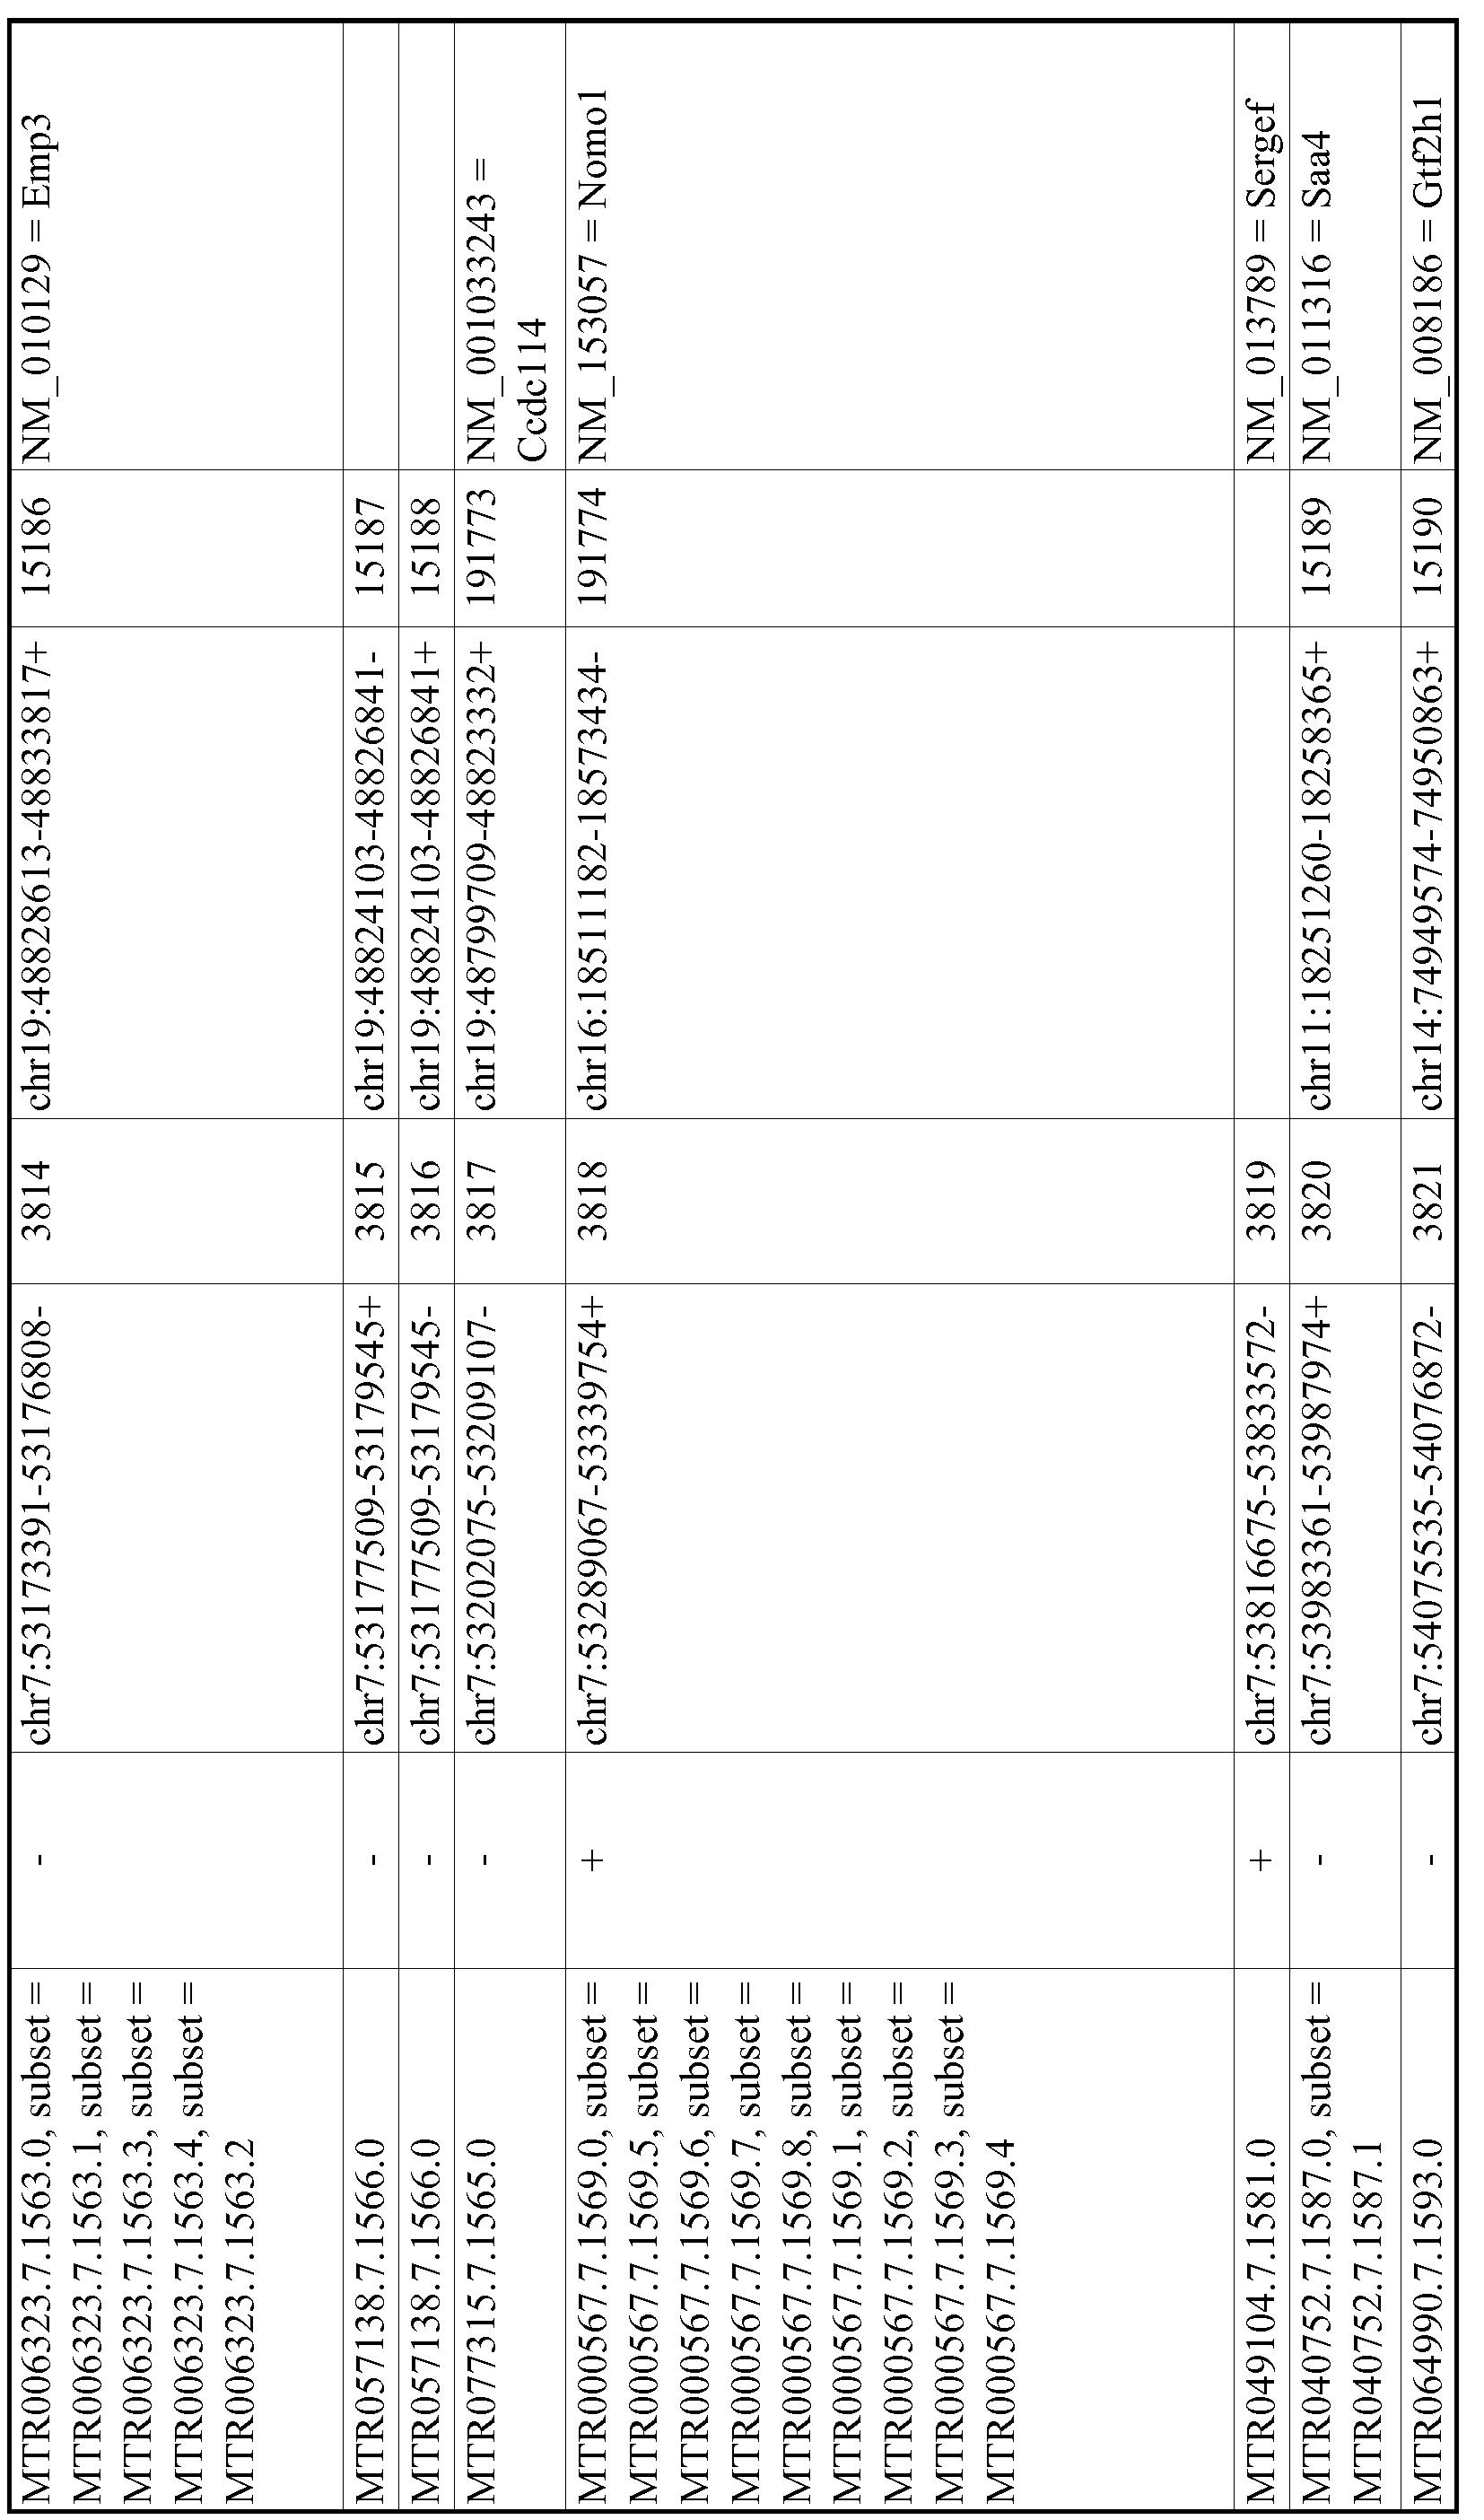 Figure imgf000734_0001